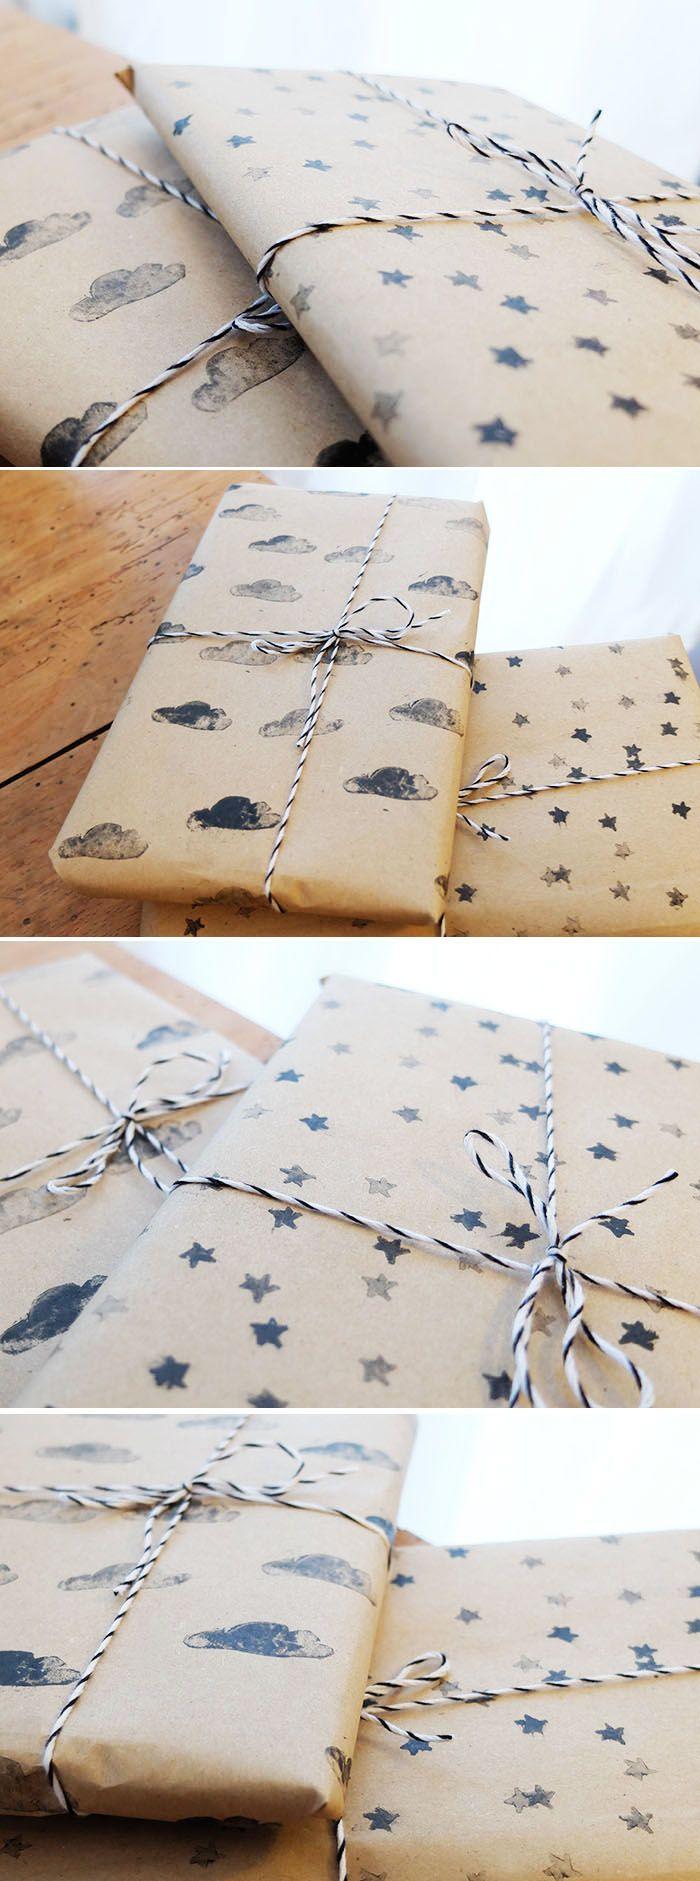 diy fabriquer son papier cadeau avec des tampons et du papier kraft diy ideas 2 pinterest. Black Bedroom Furniture Sets. Home Design Ideas